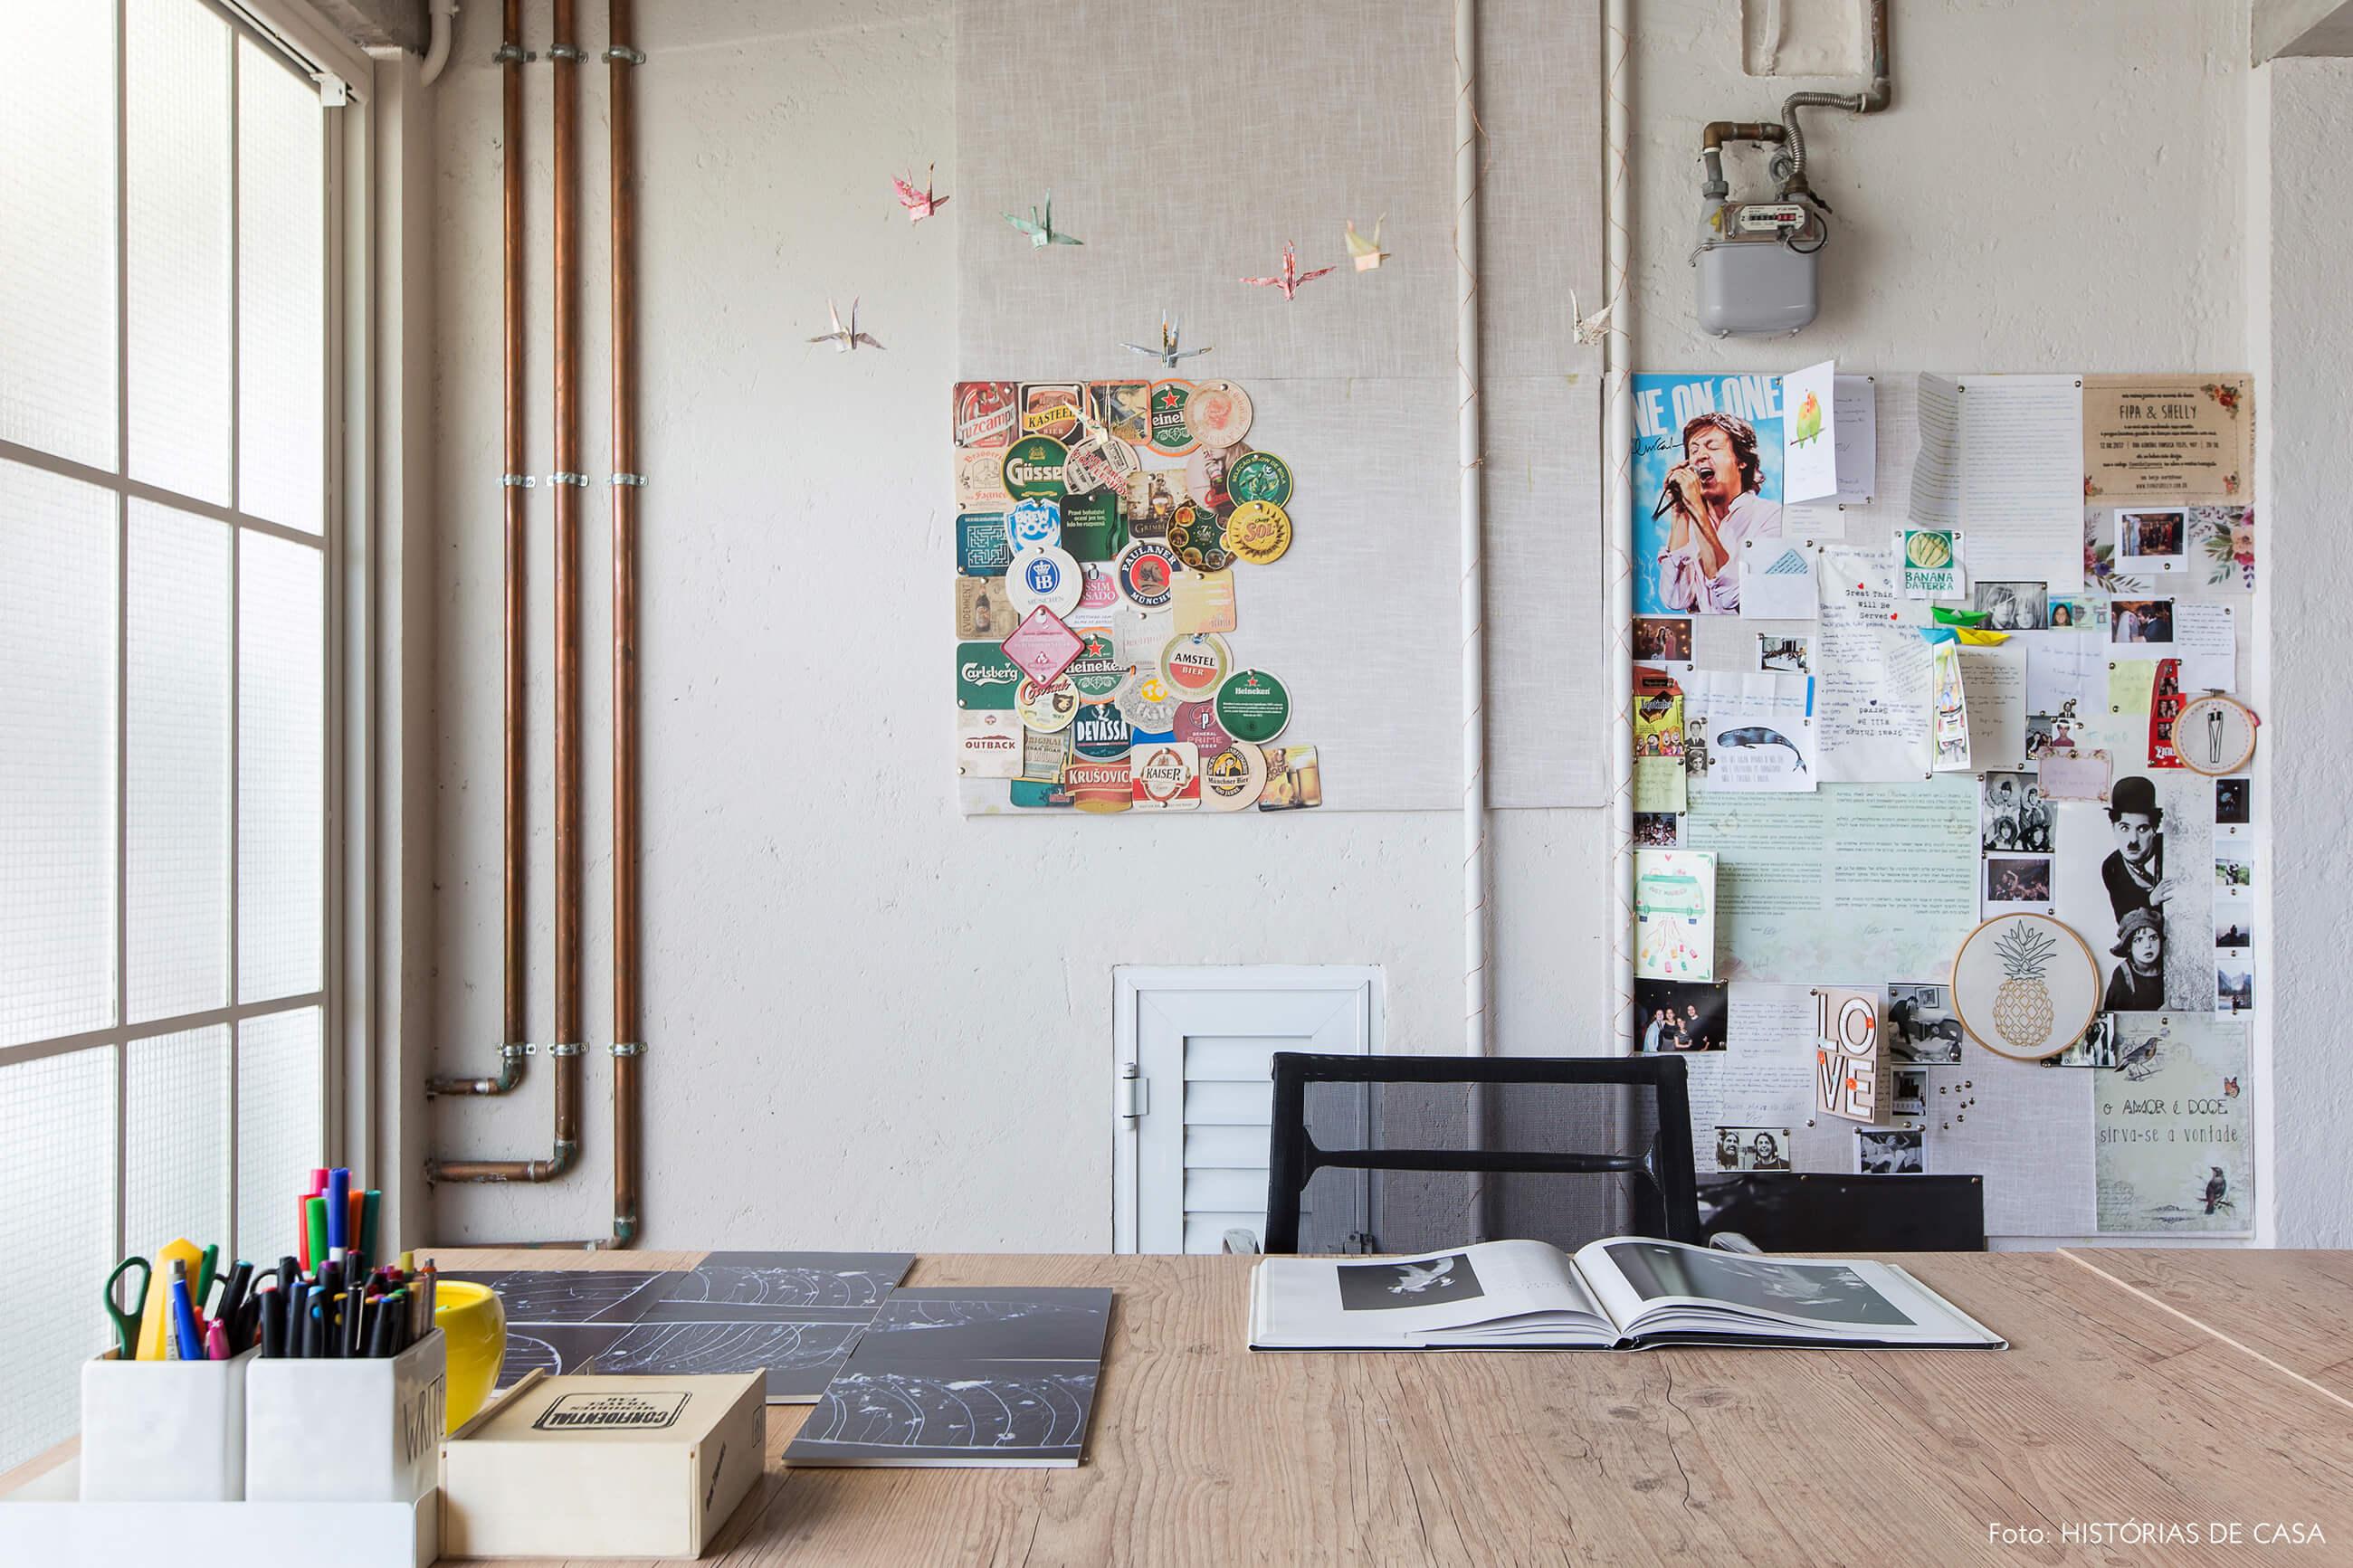 Escritório com paredes de concreto e tubulações à mostra, estilo industrial